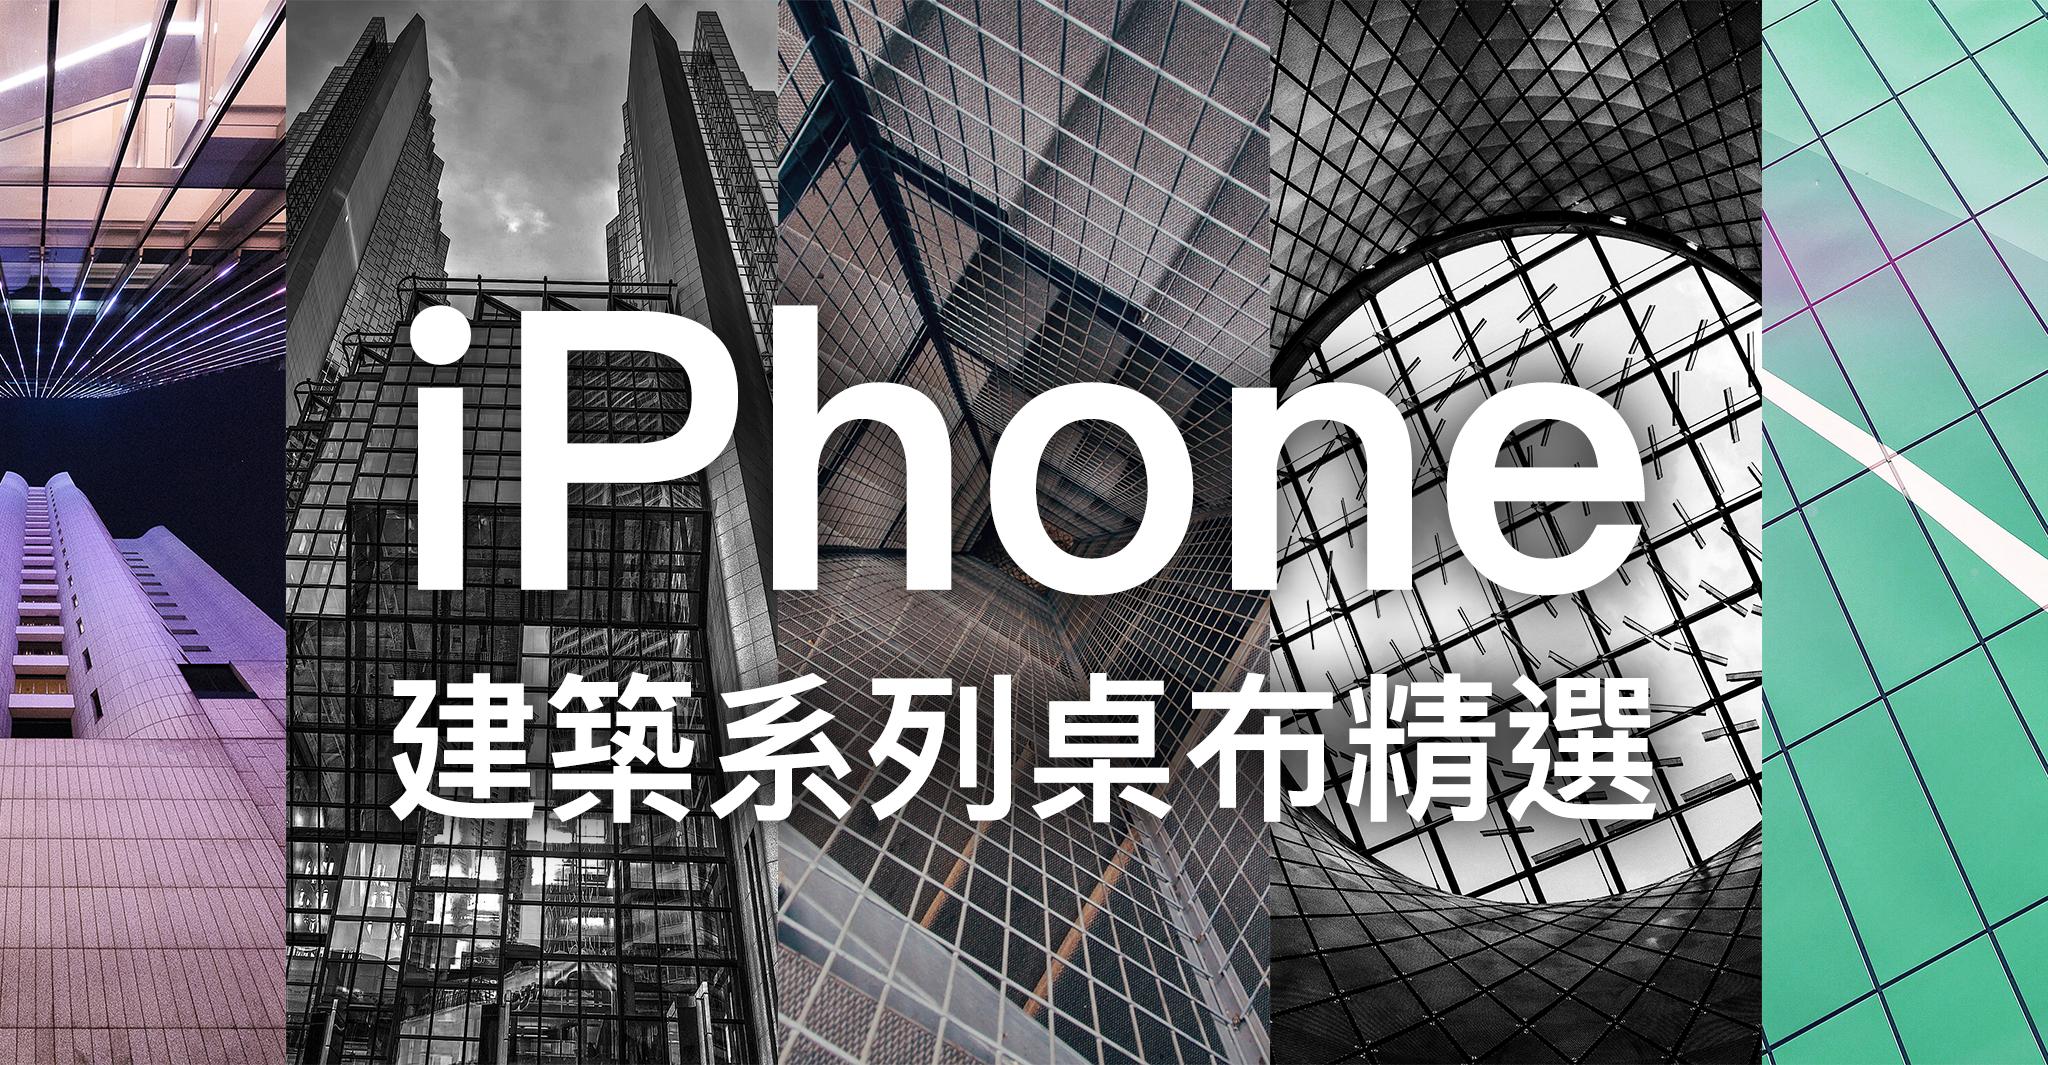 iPhone X 桌布、iPhone 桌布、建築物桌布